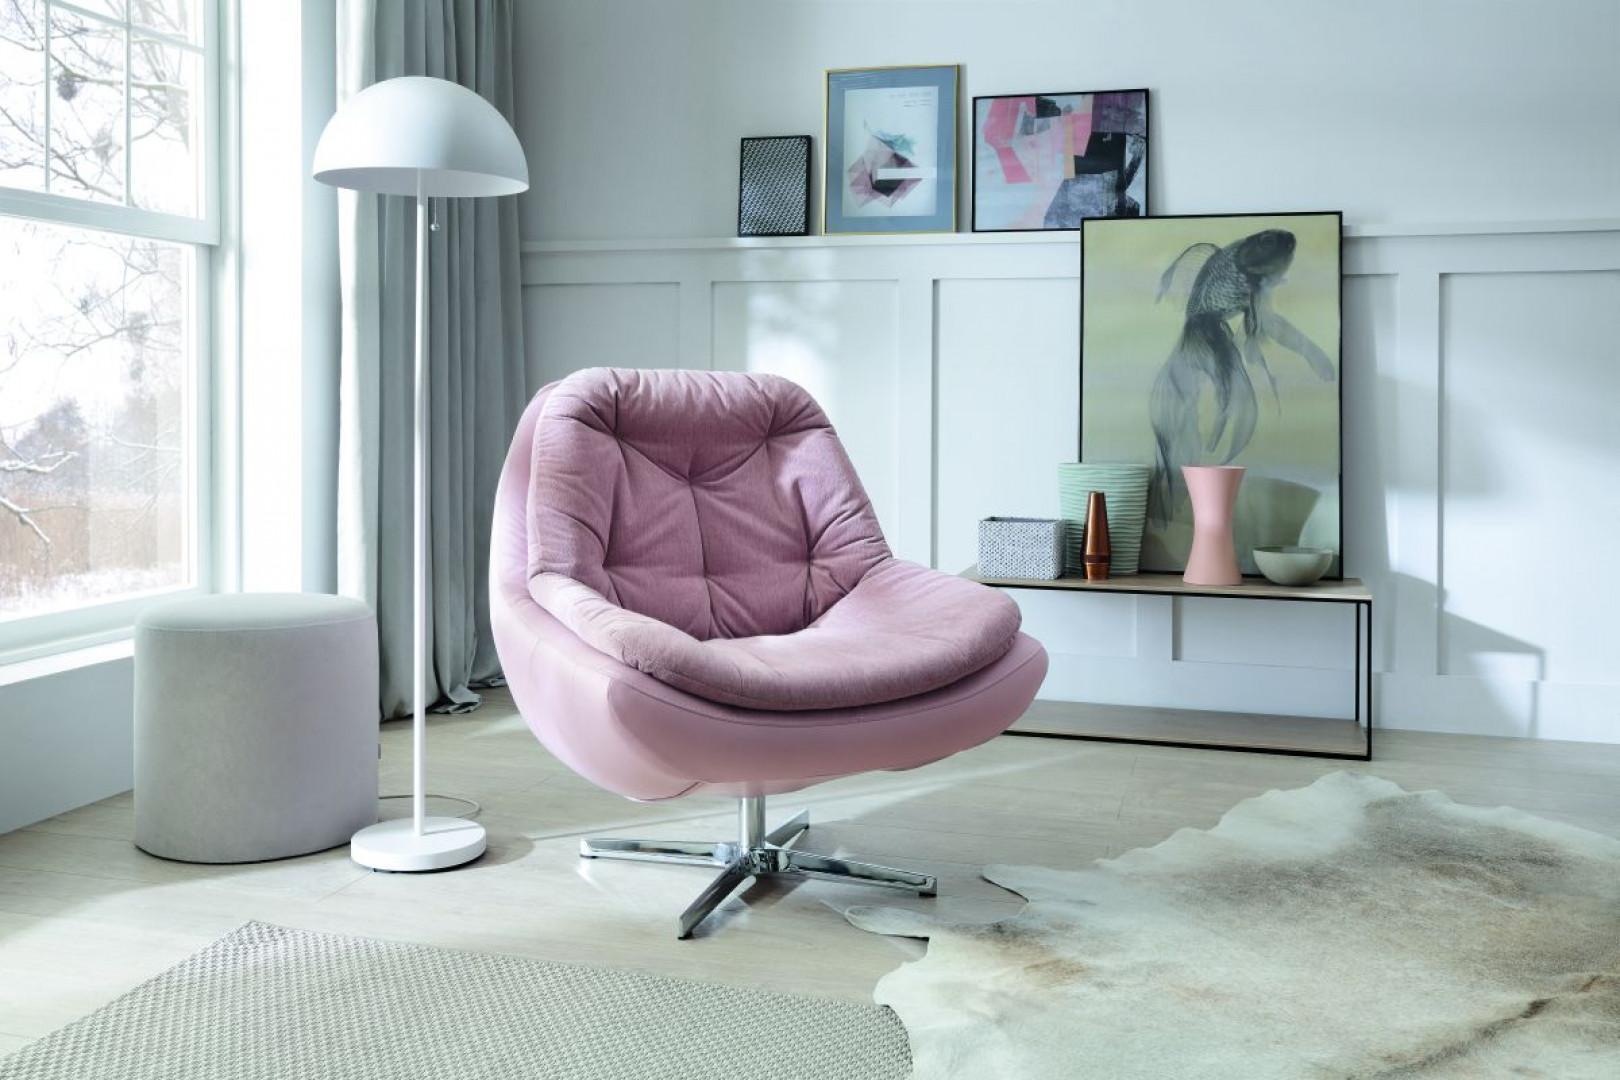 Fotel wypoczynkowy Dim (Gala Collezione). Fot. Gala Collezione